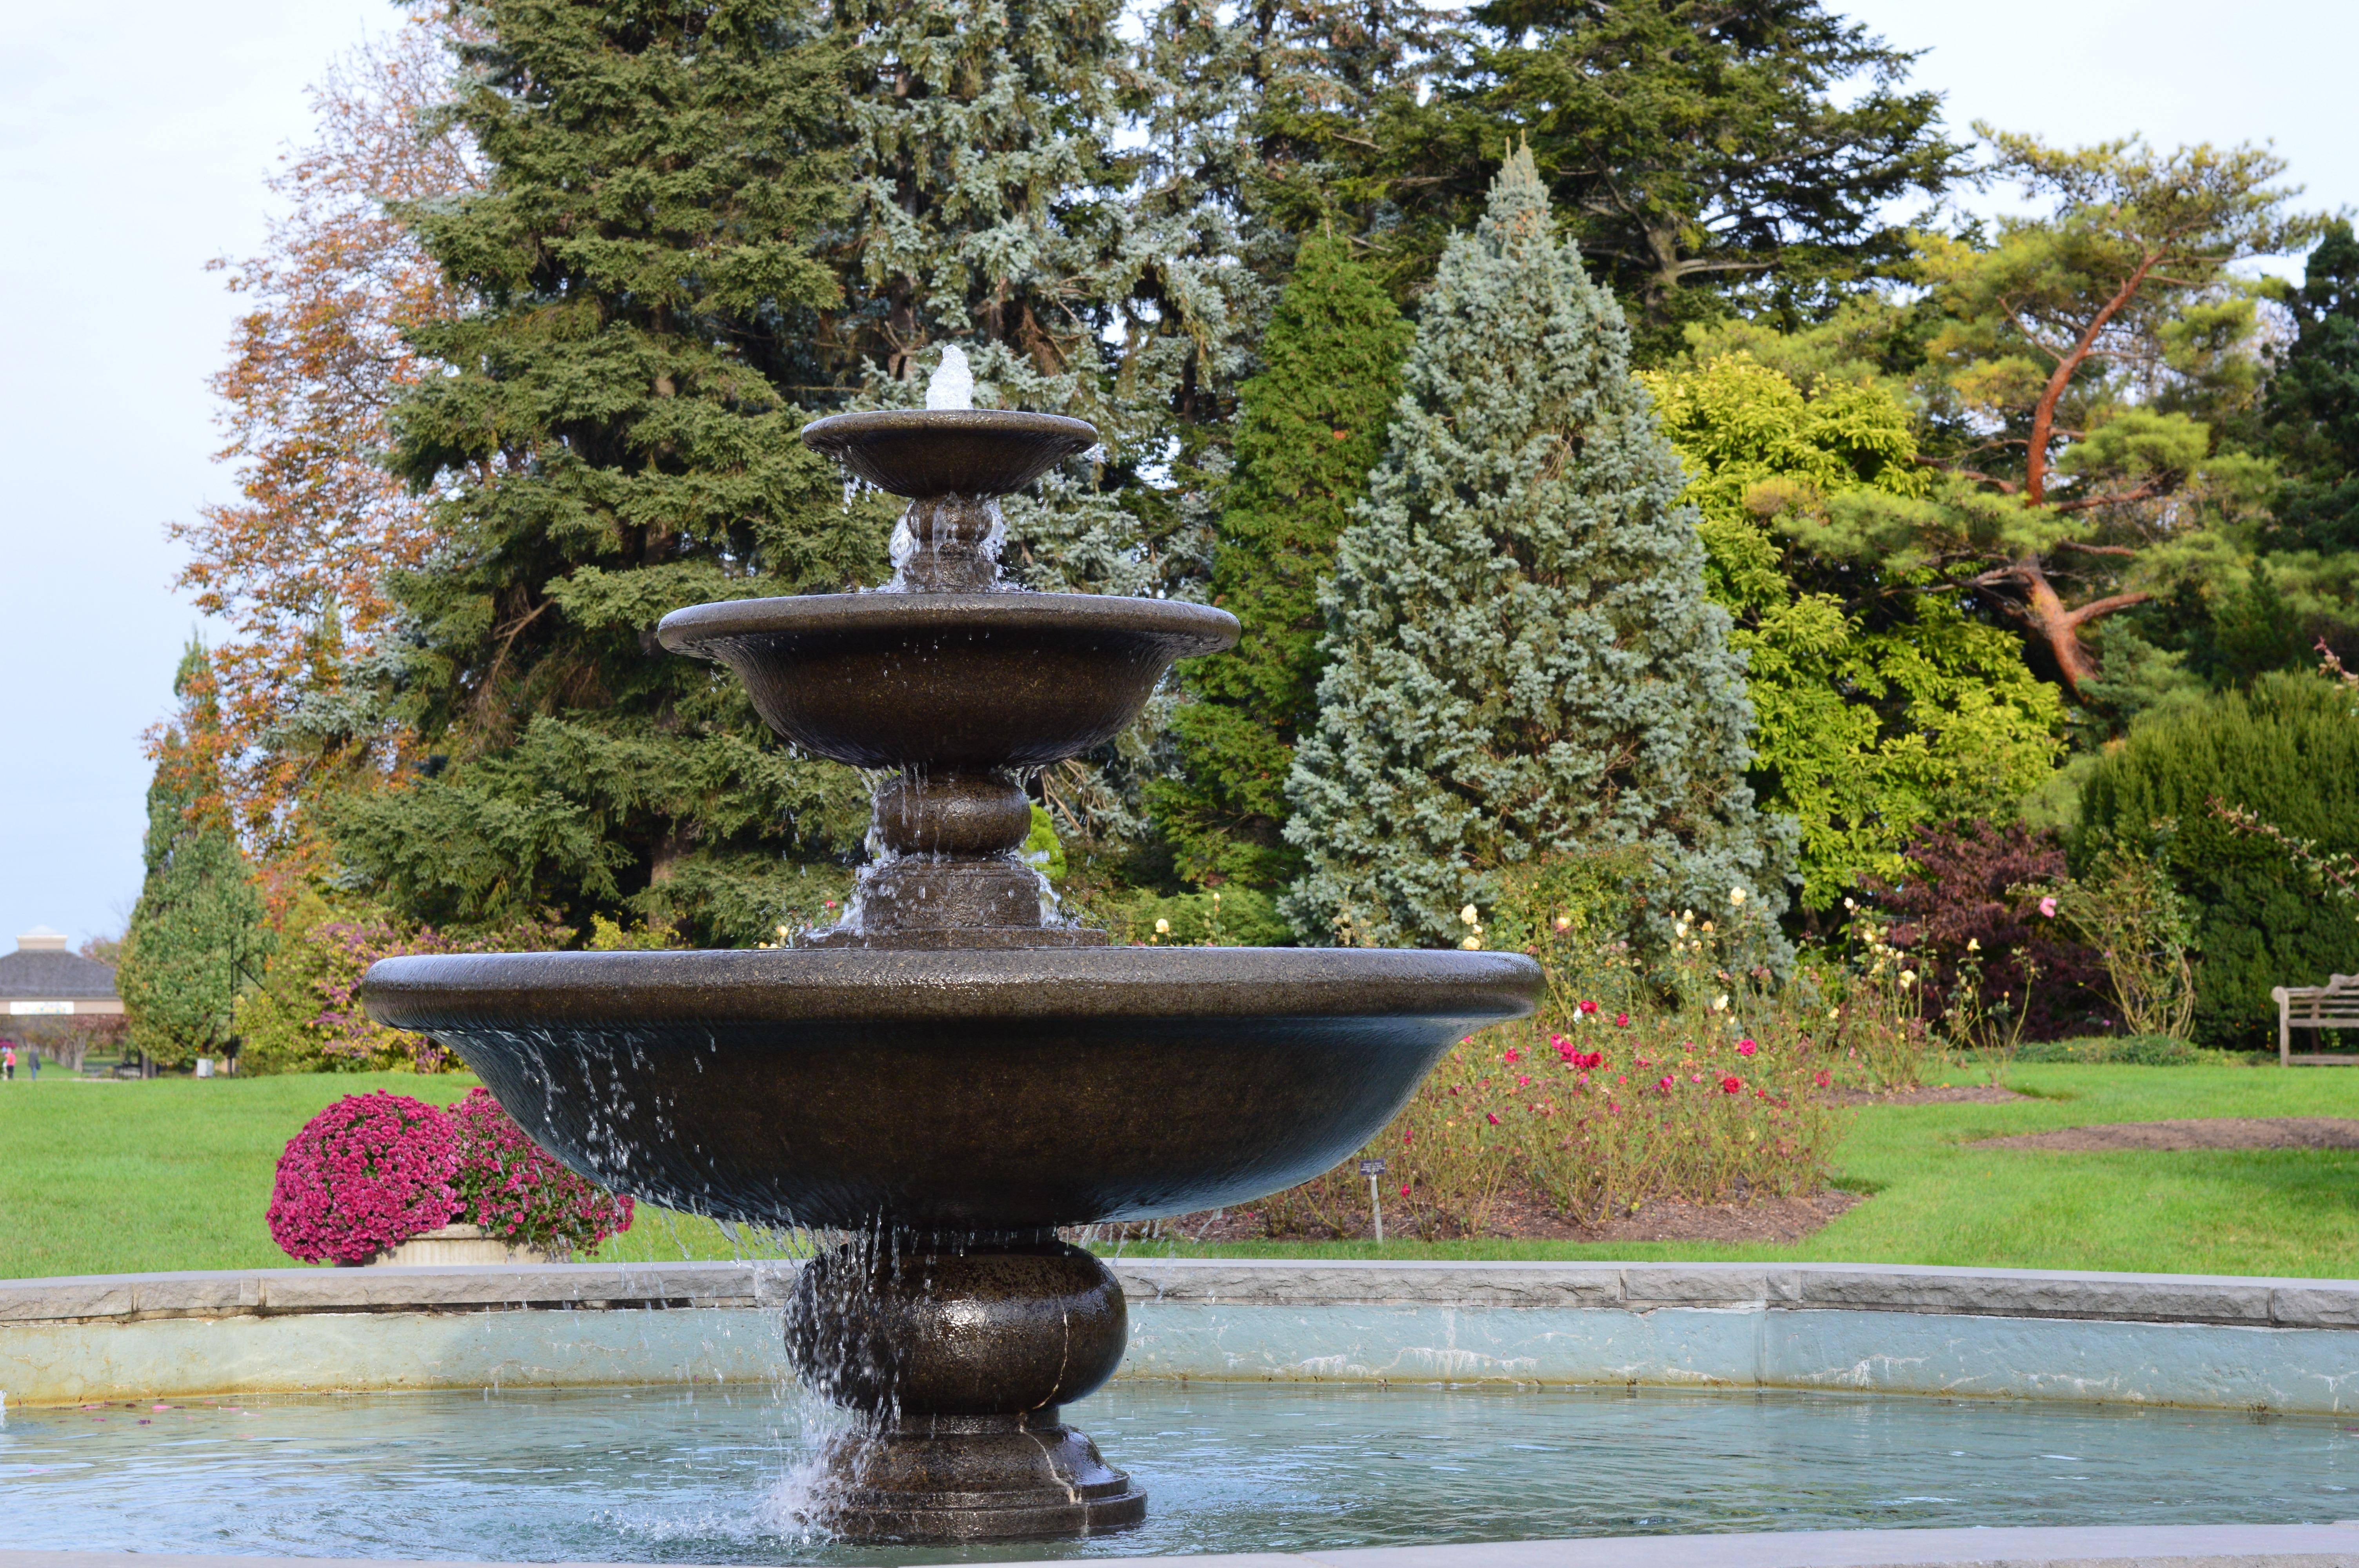 вроде расчистили парковый фонтан фото рисунок анализ группы